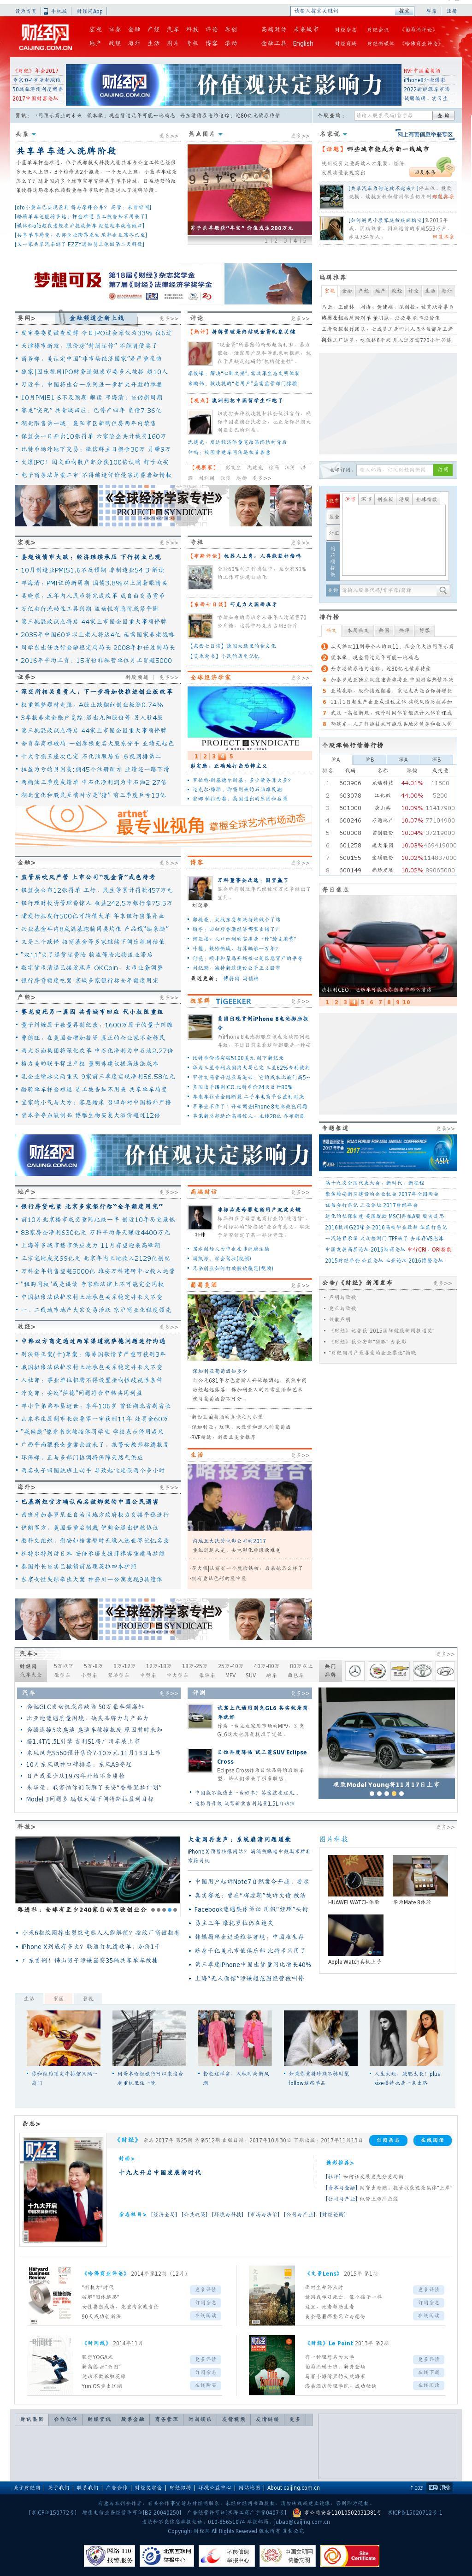 Caijing at Tuesday Oct. 31, 2017, 7:01 p.m. UTC